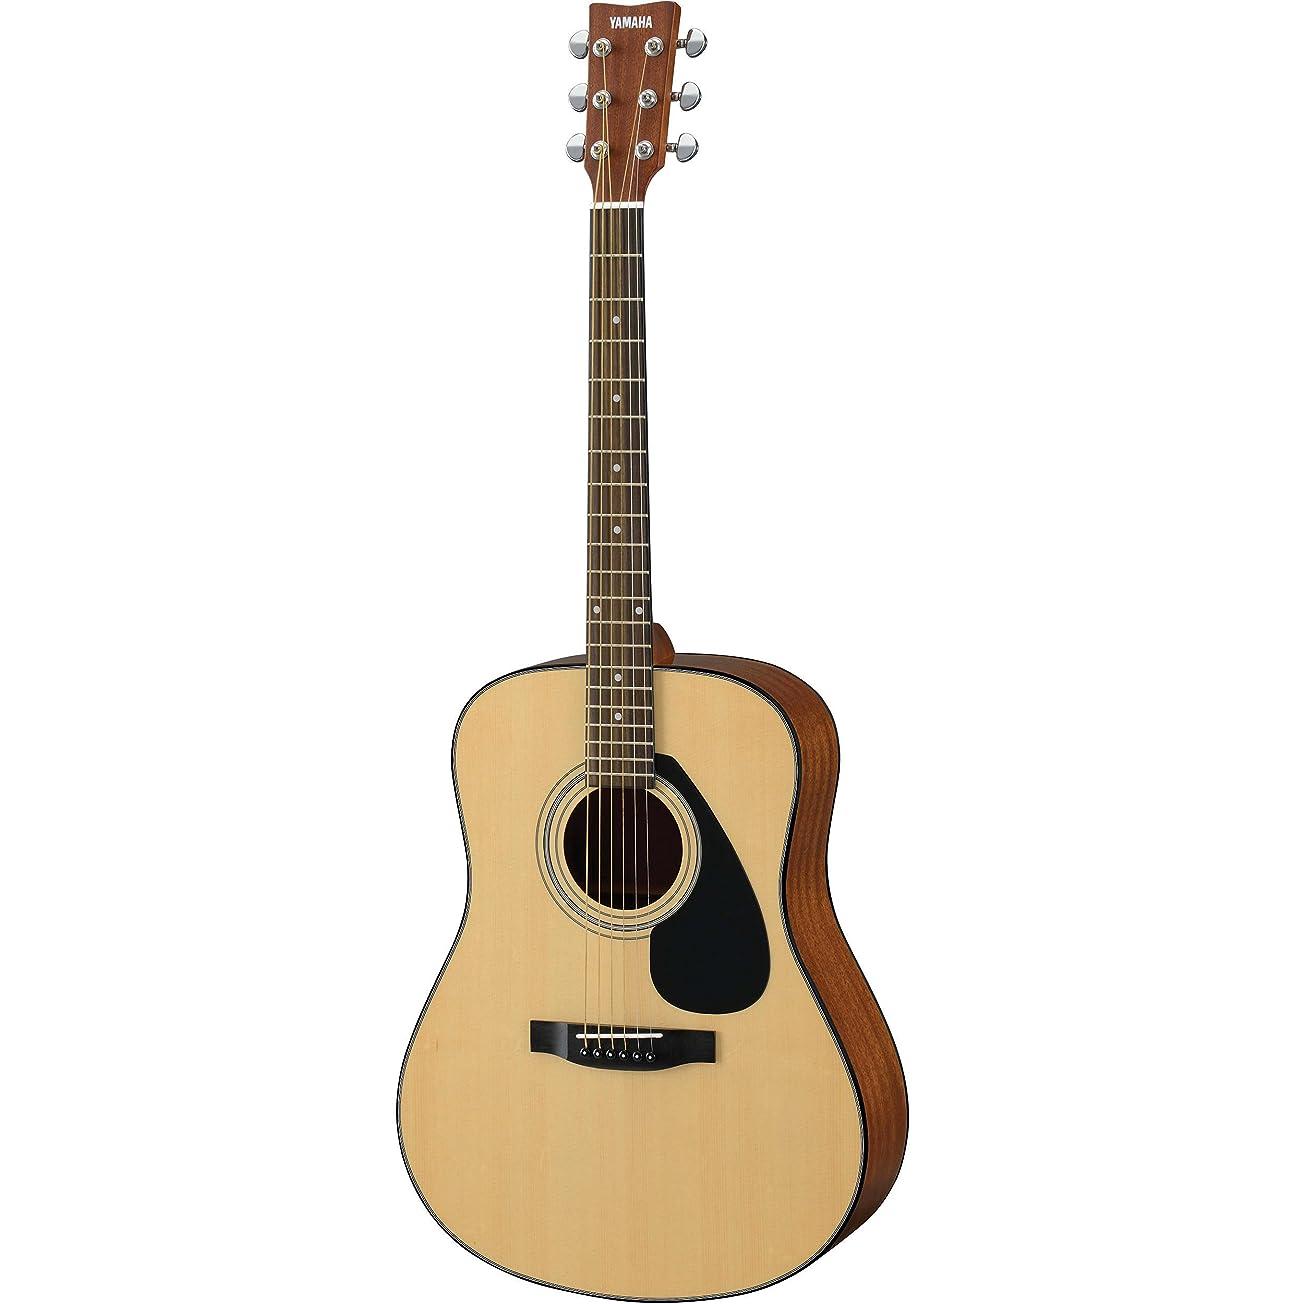 傾く怖いモザイクYamaha ヤマハ F325 Folk アコースティックギター アコースティックギター アコギ ギター (並行輸入)